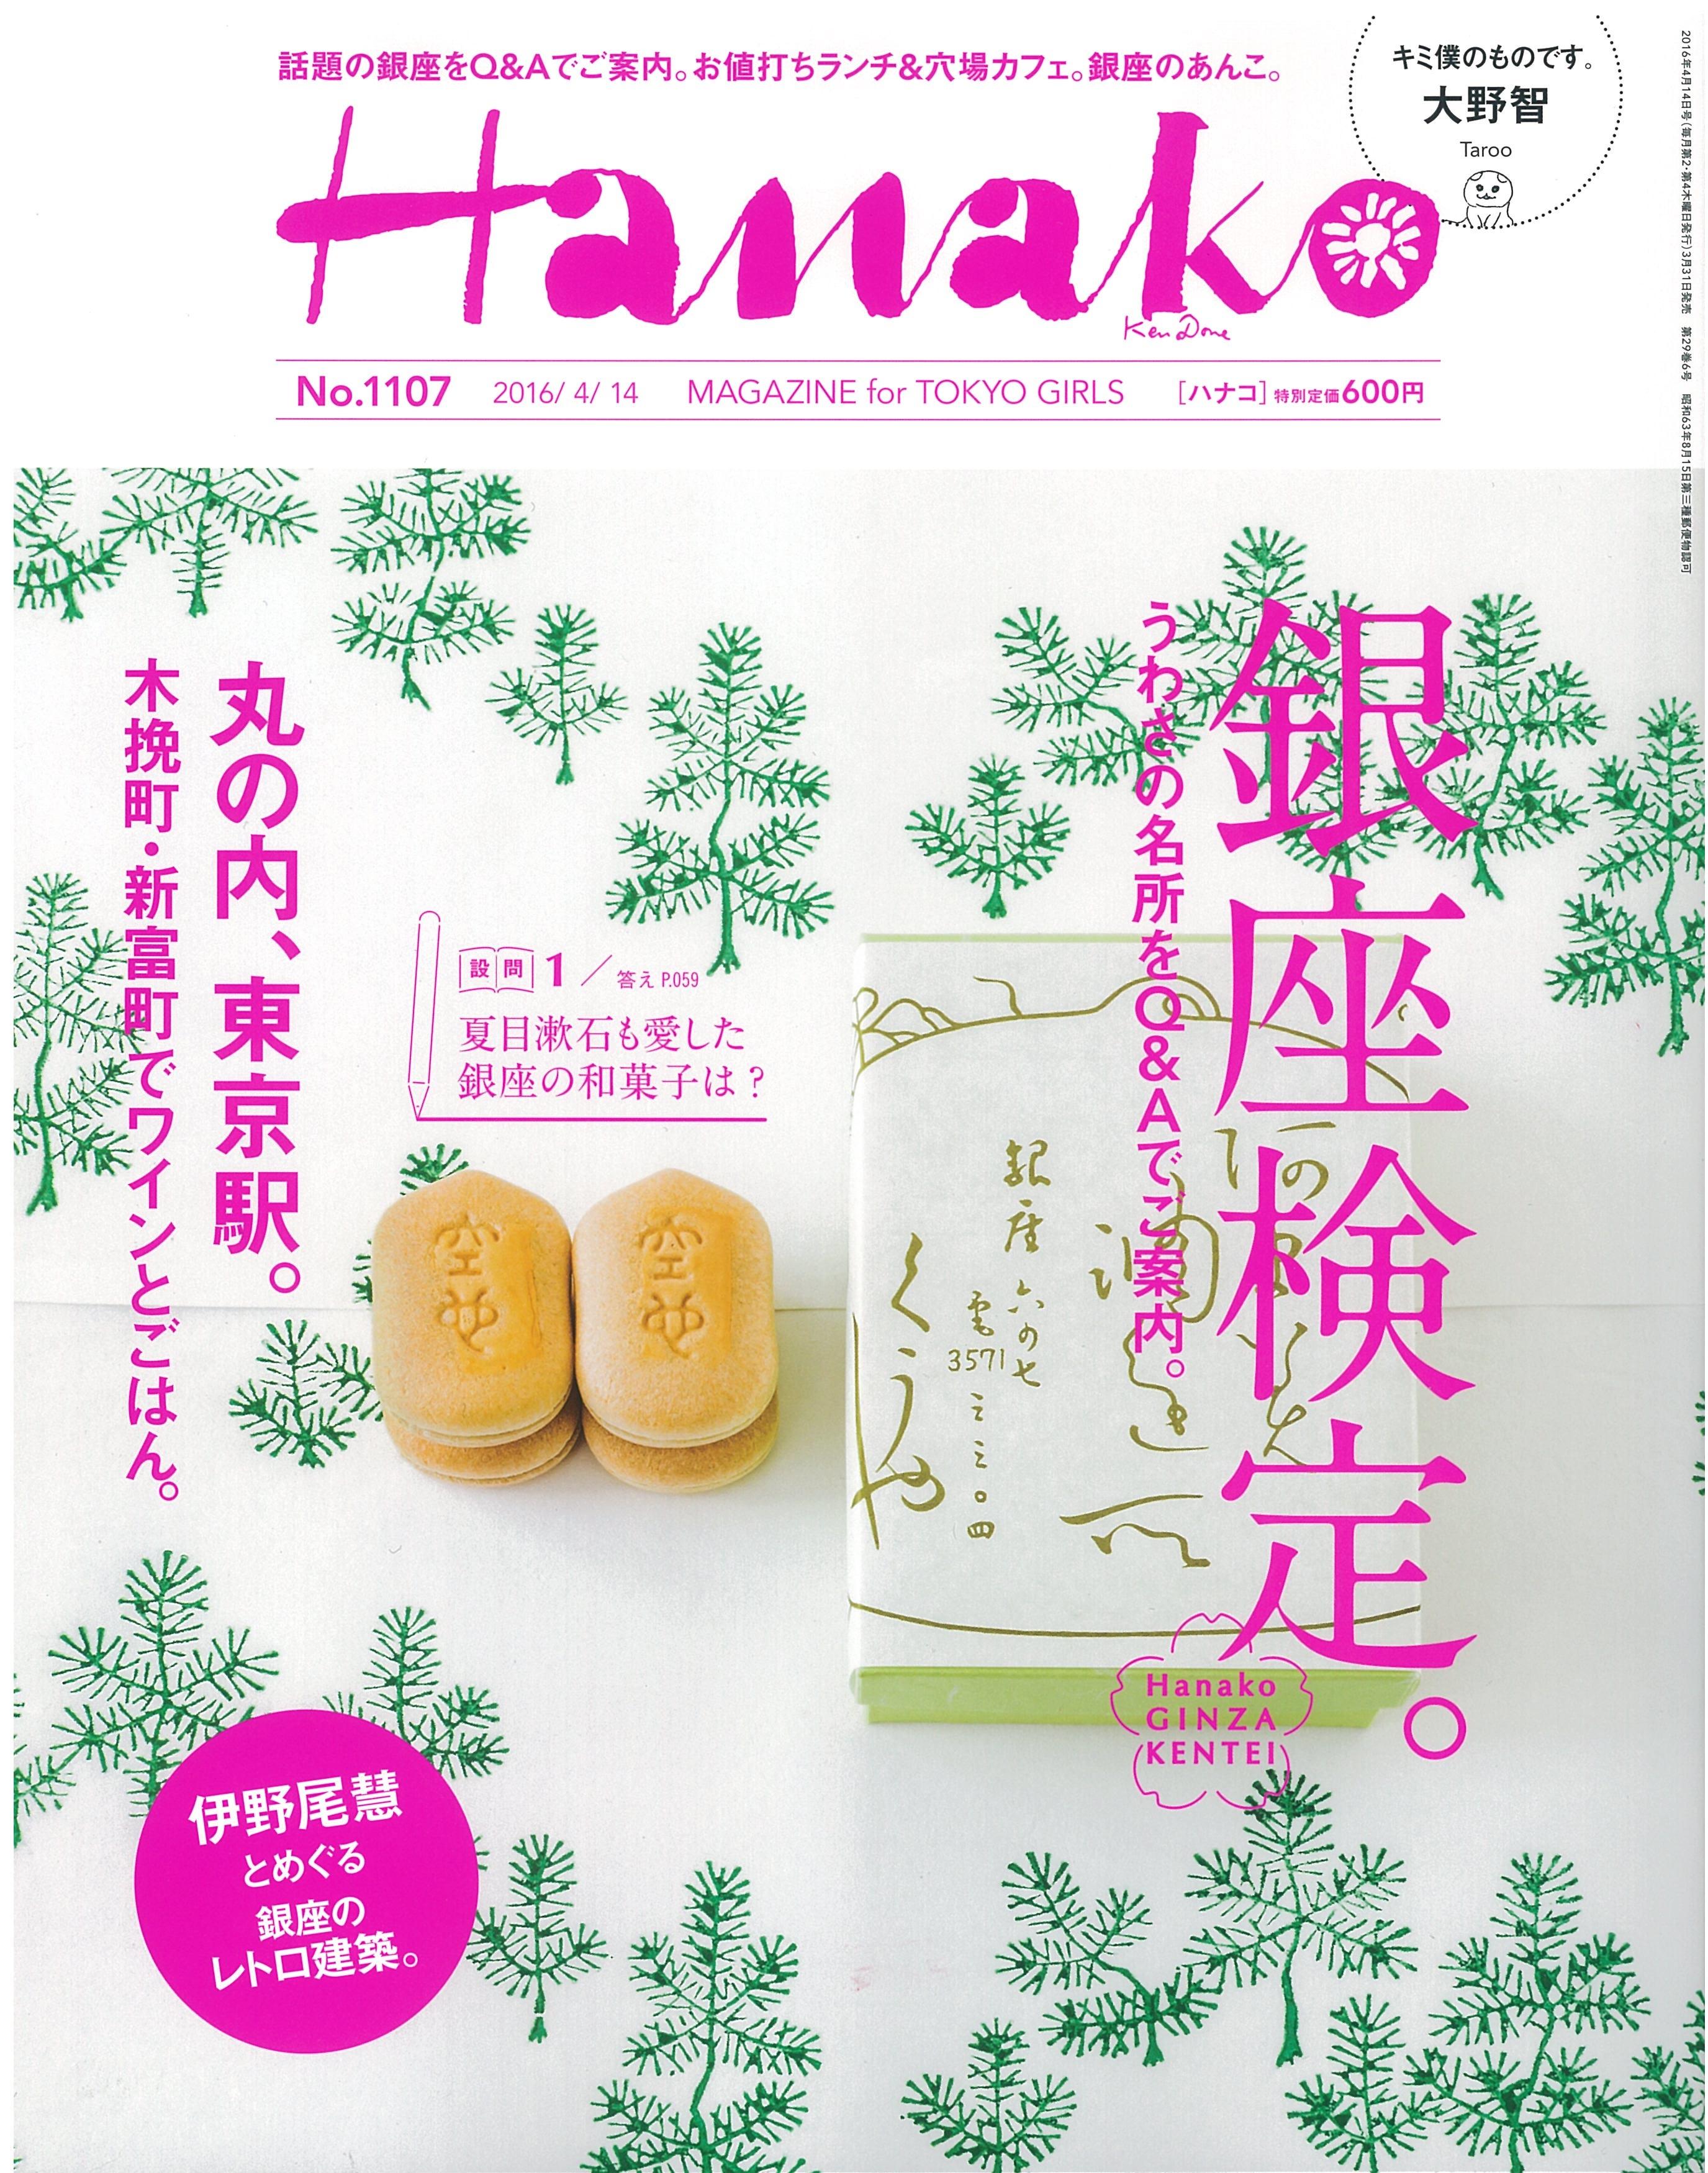 3.31_Hanako_銀座